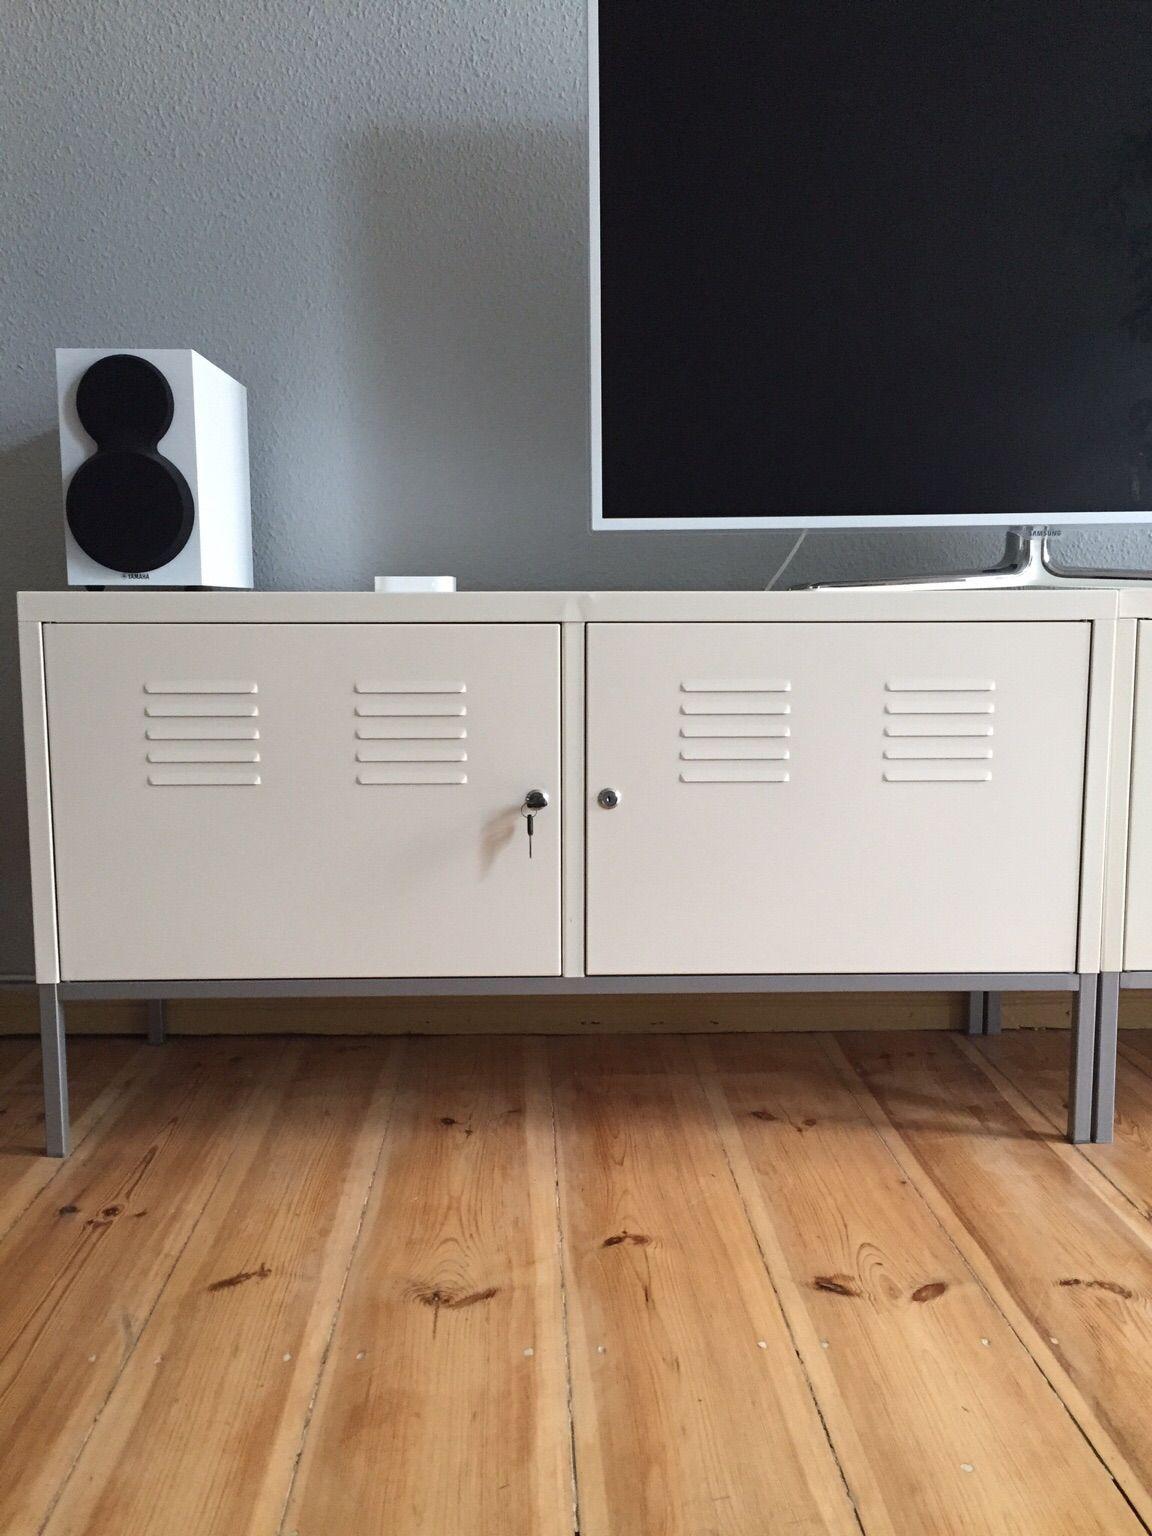 Full Size of Spind Schrank Ikea Gebraucht 1 Ps Sideboard Sofa Mit Schlaffunktion Miniküche Küche Kosten Kaufen Modulküche Wohnzimmer Arbeitsplatte Betten Bei 160x200 Wohnzimmer Ikea Sideboard